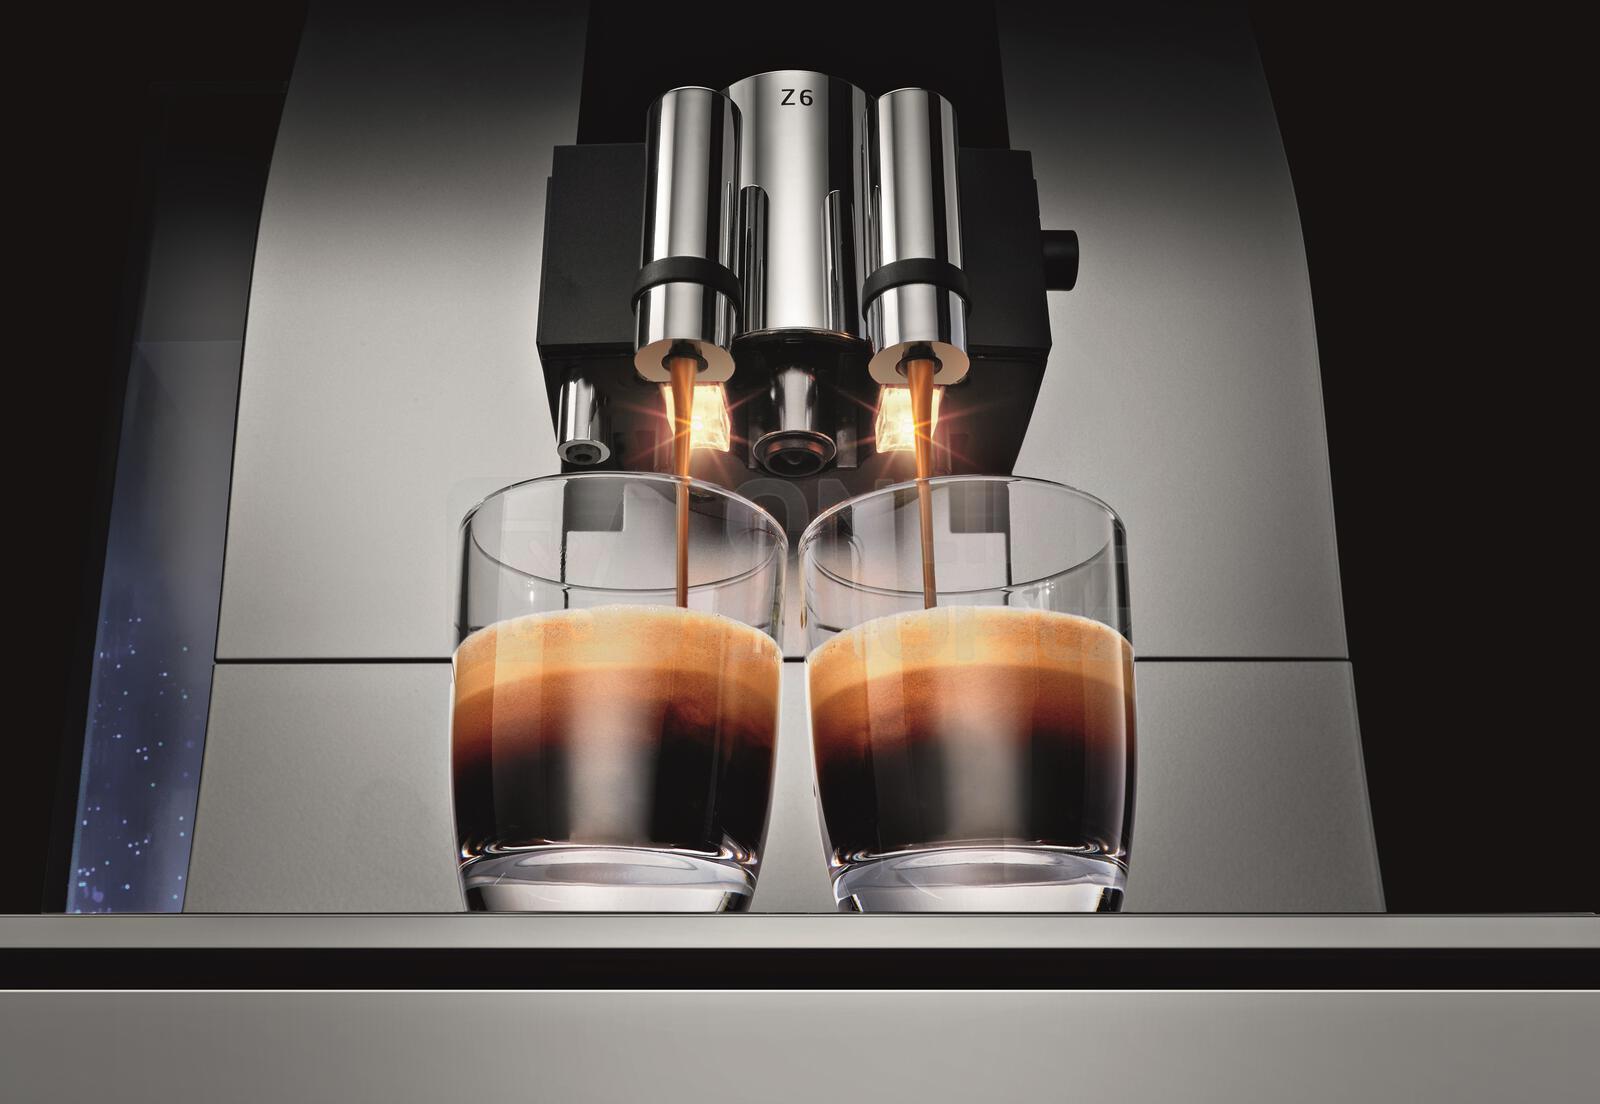 Espresso JURA IMPRESSA Z6